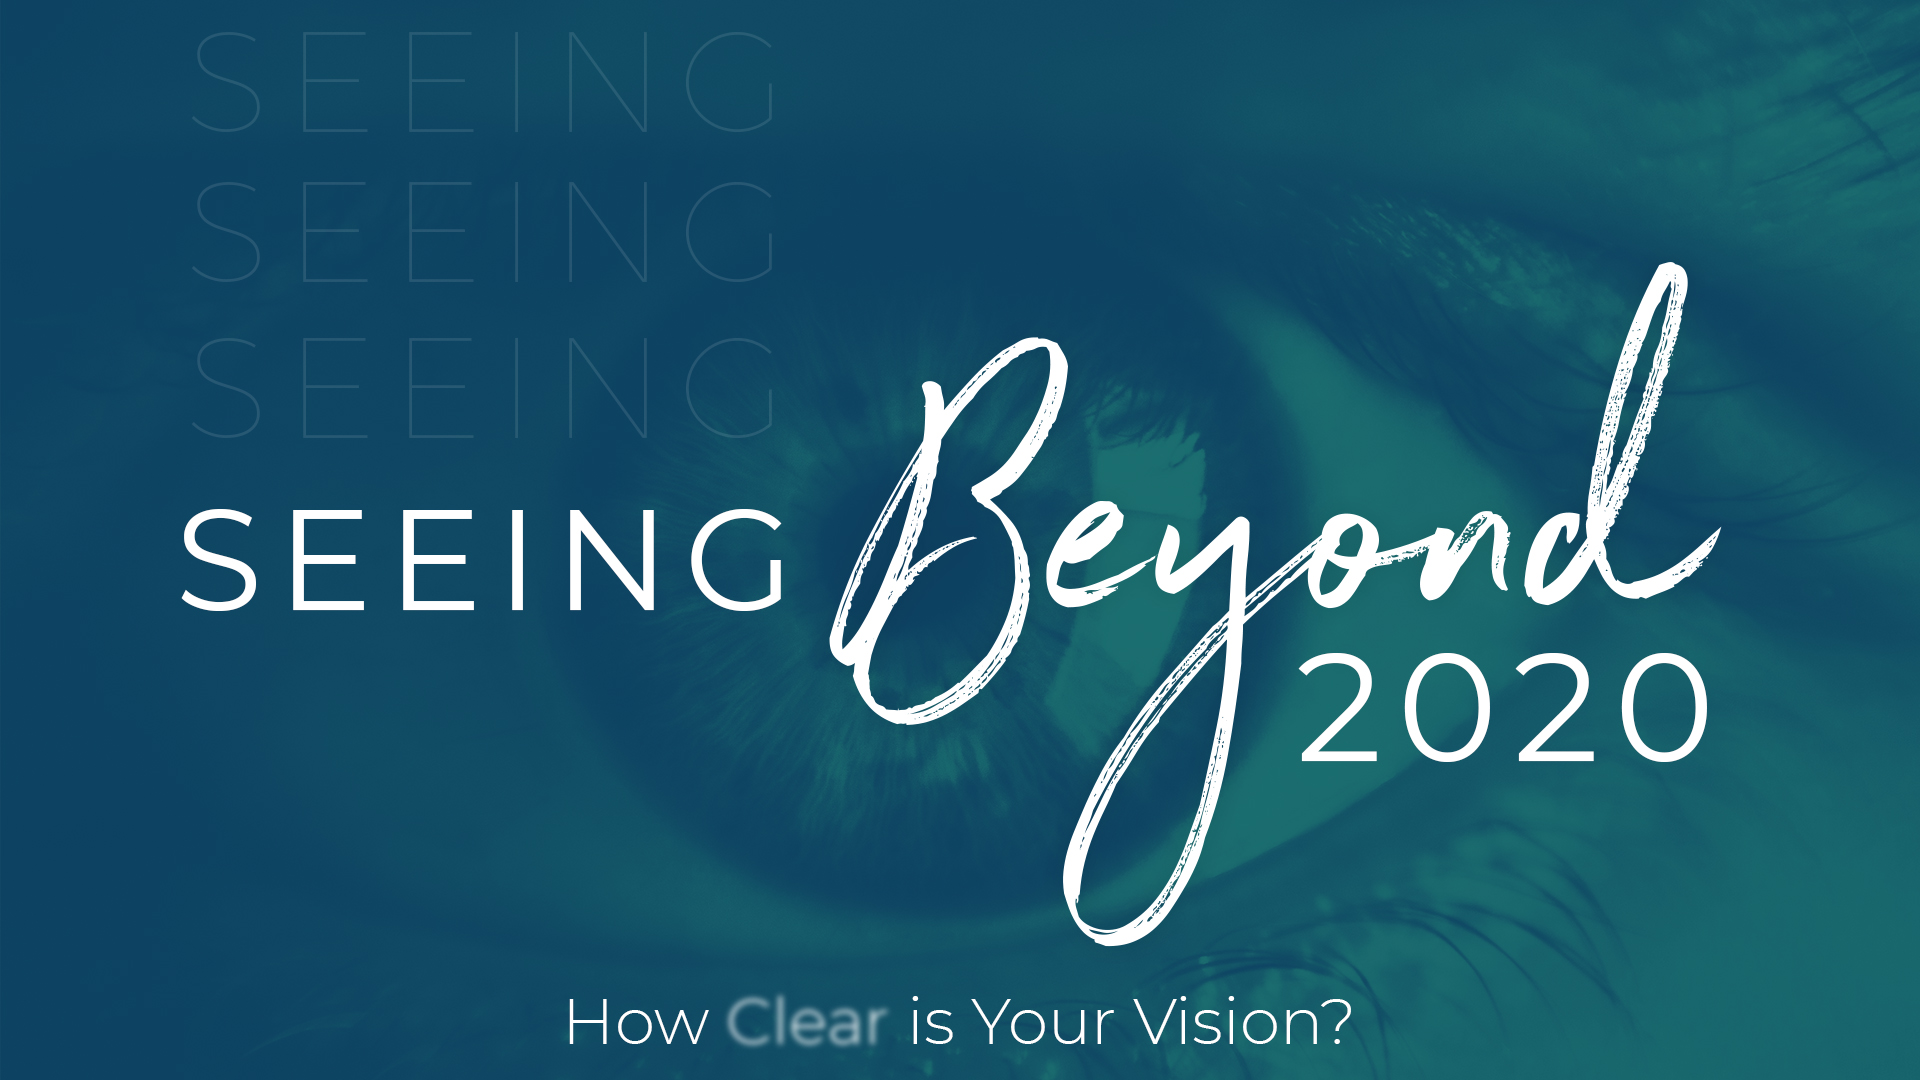 Seeing beyond 2020